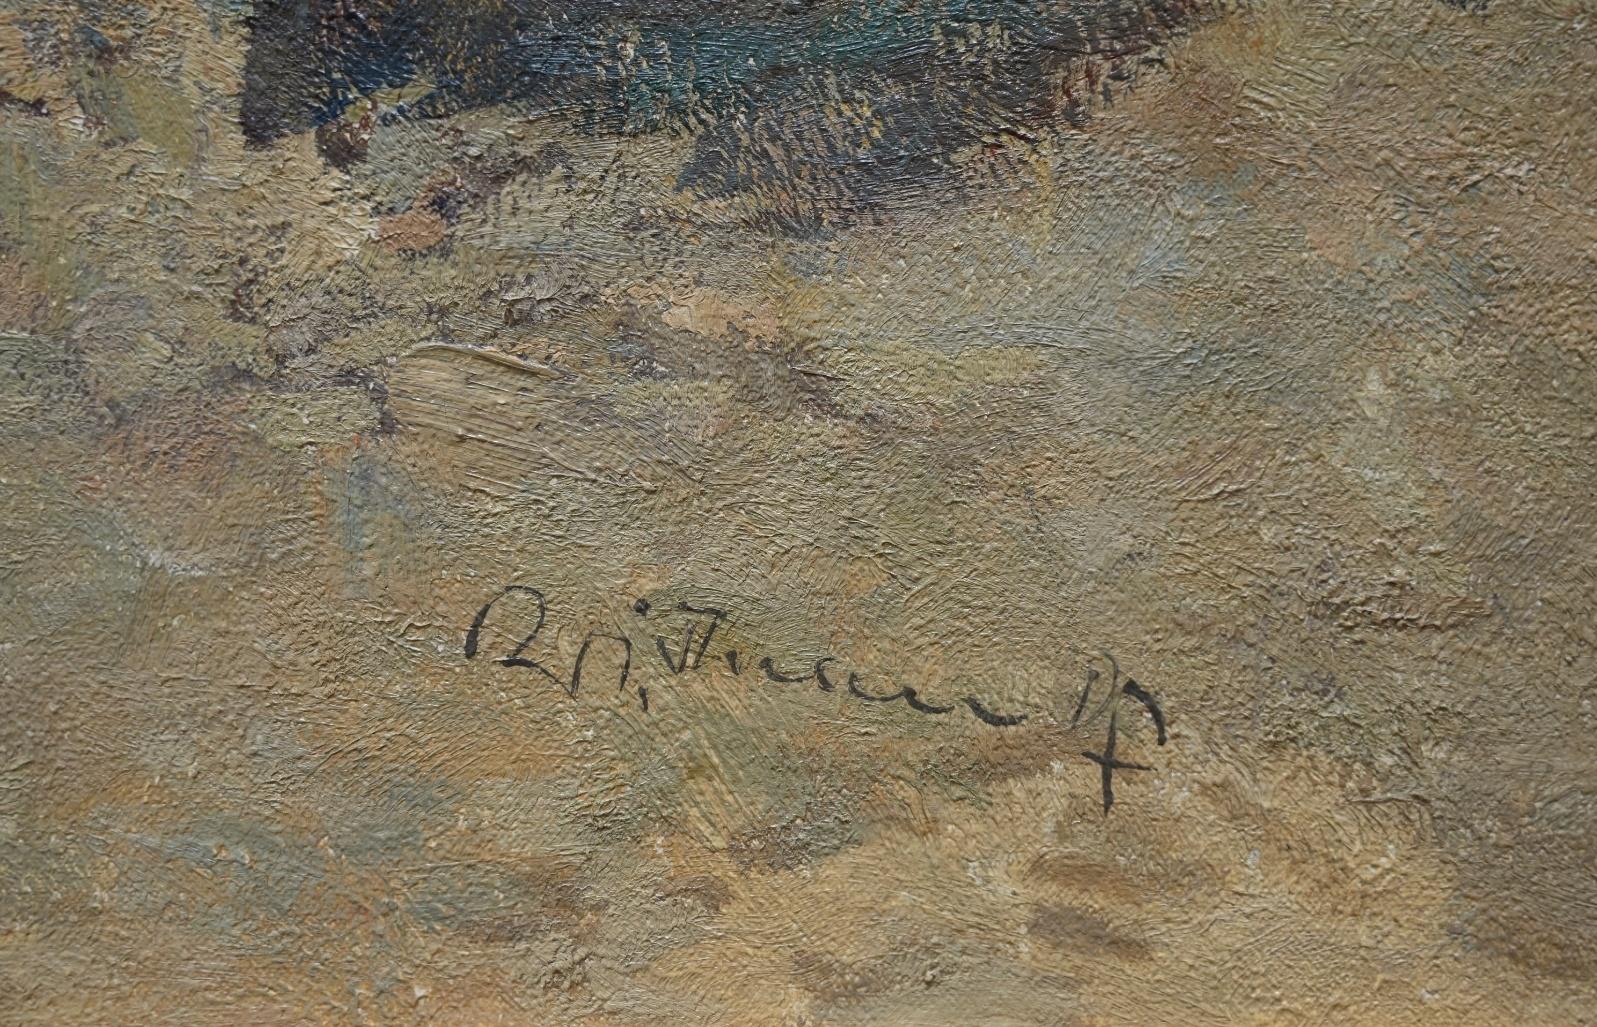 Wilhelm Thelen (1917 - 1985) » Öl-Gemälde Impressionismus Italien Meer italienische Küstenlandschaft Düsseldorfer Maler